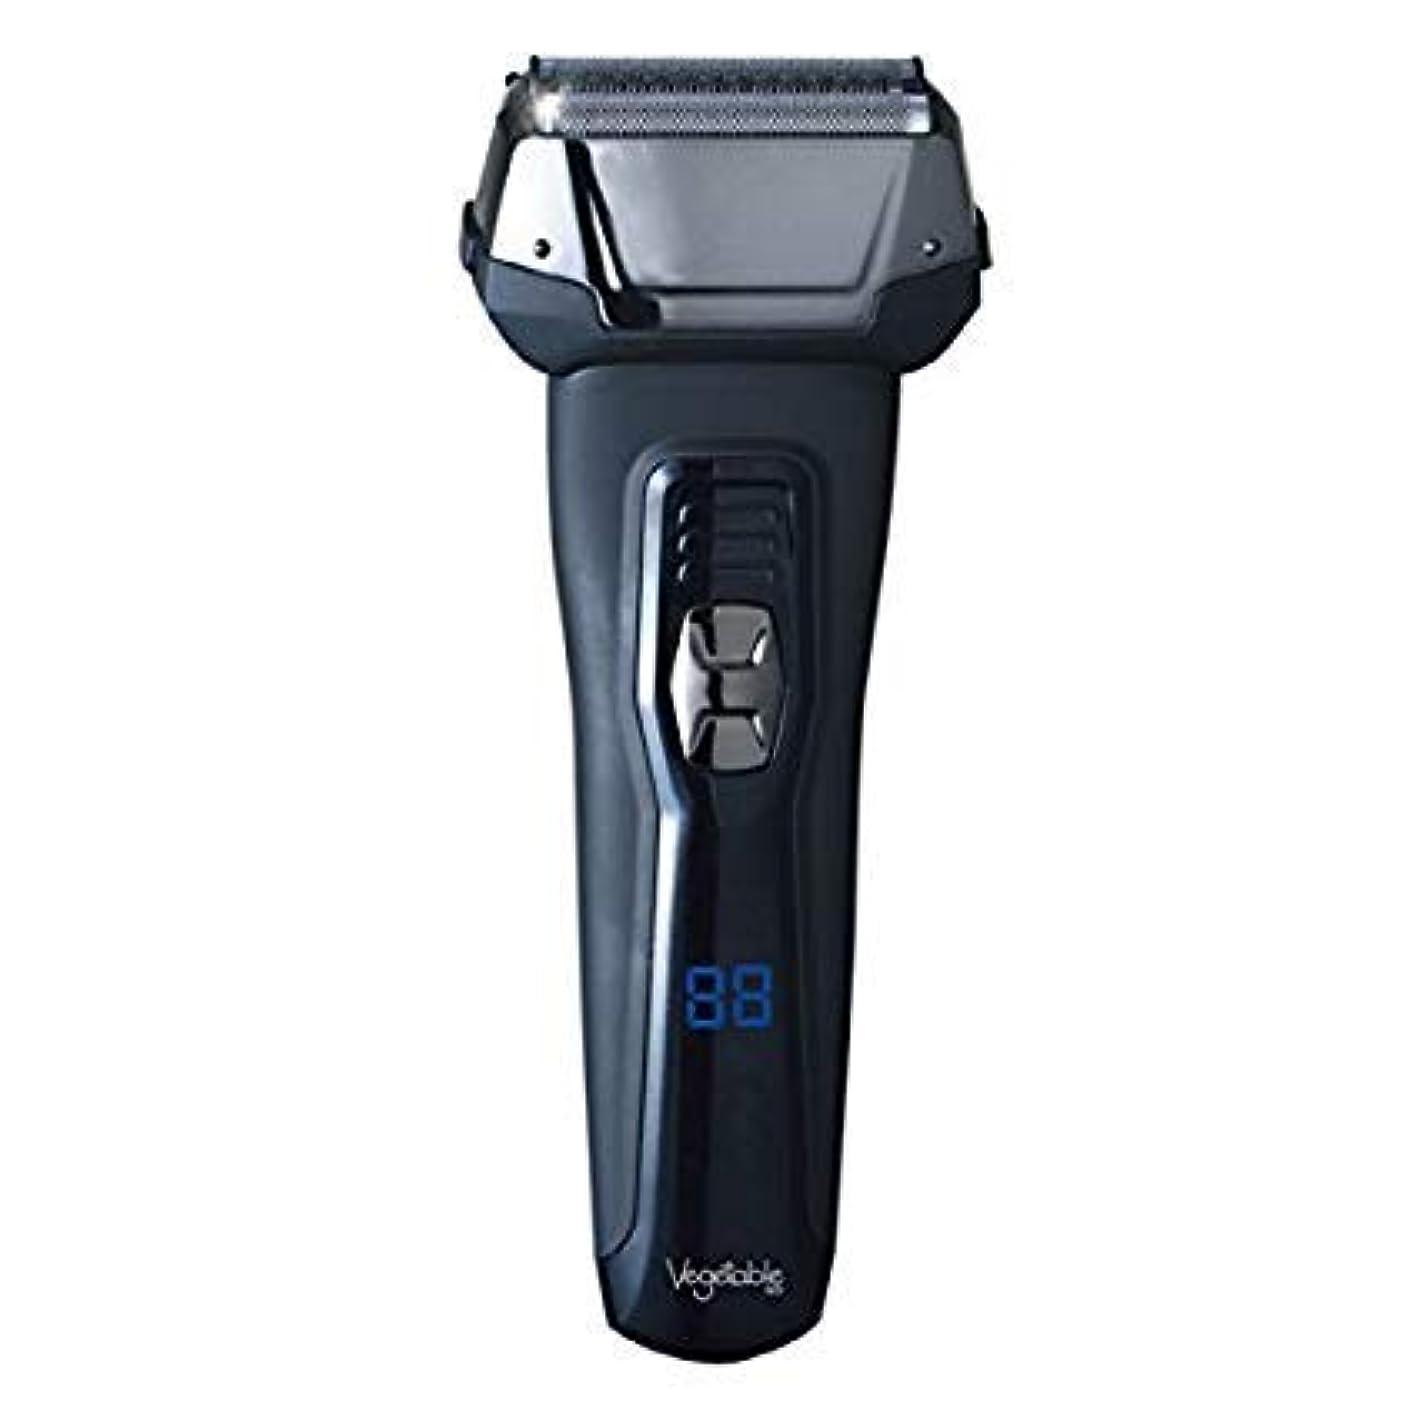 バンジョー聴衆大混乱髭剃り 電気シェーバー Vegetable 3枚刃 充電交流式ウォッシャブルデジタルシェーバー GD-S307D